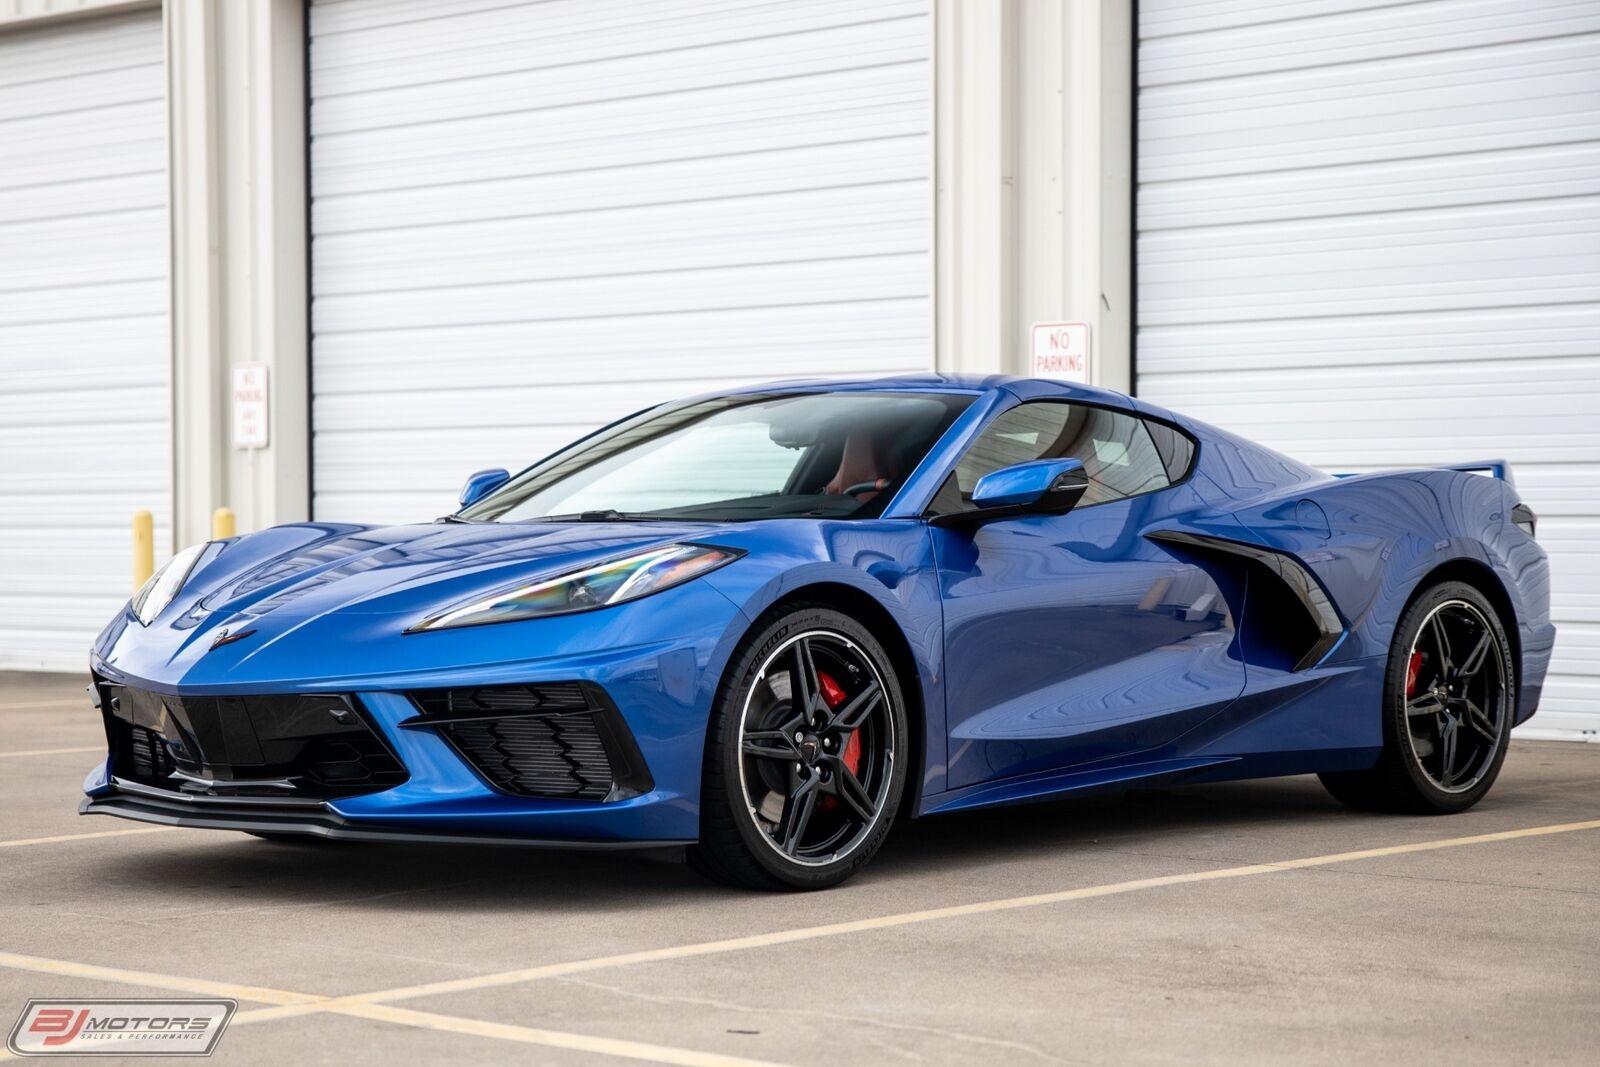 2020 Blue Chevrolet Corvette  2LT | C7 Corvette Photo 8